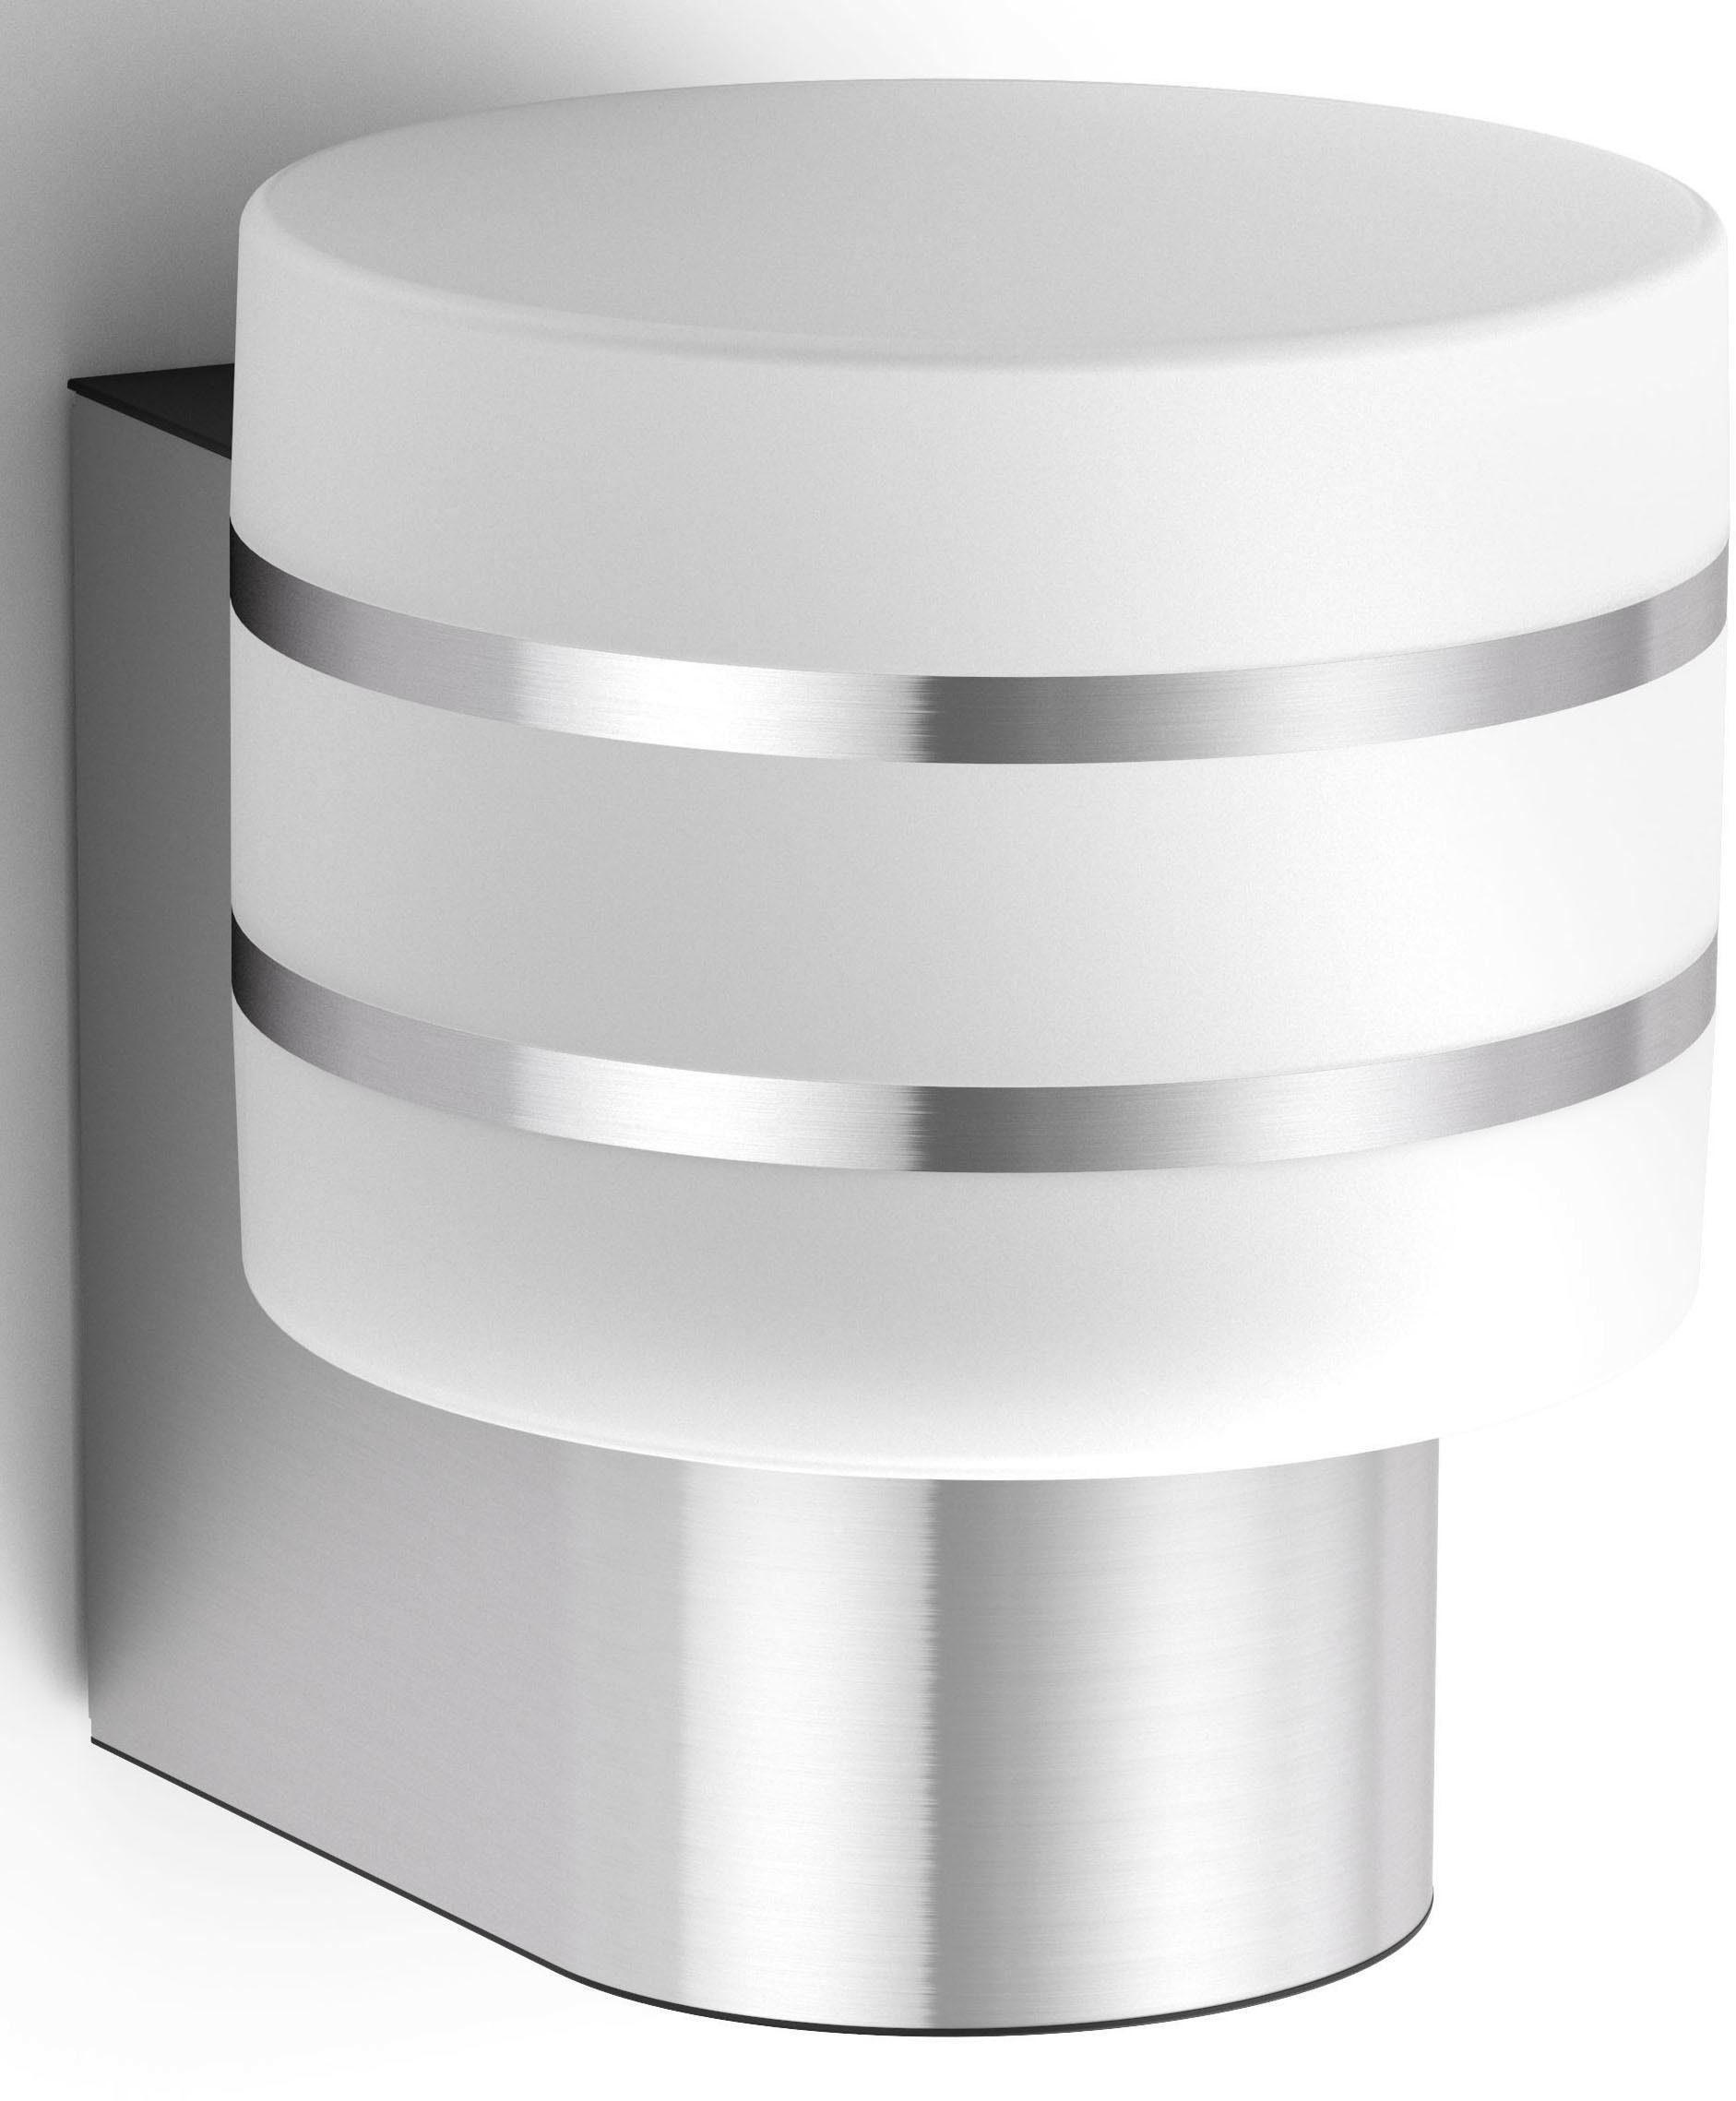 Philips Hue LED Außen-Wandleuchte »Tuar«, 1-flammig, smartes LED-Lichtsystem mit App-Steuerung